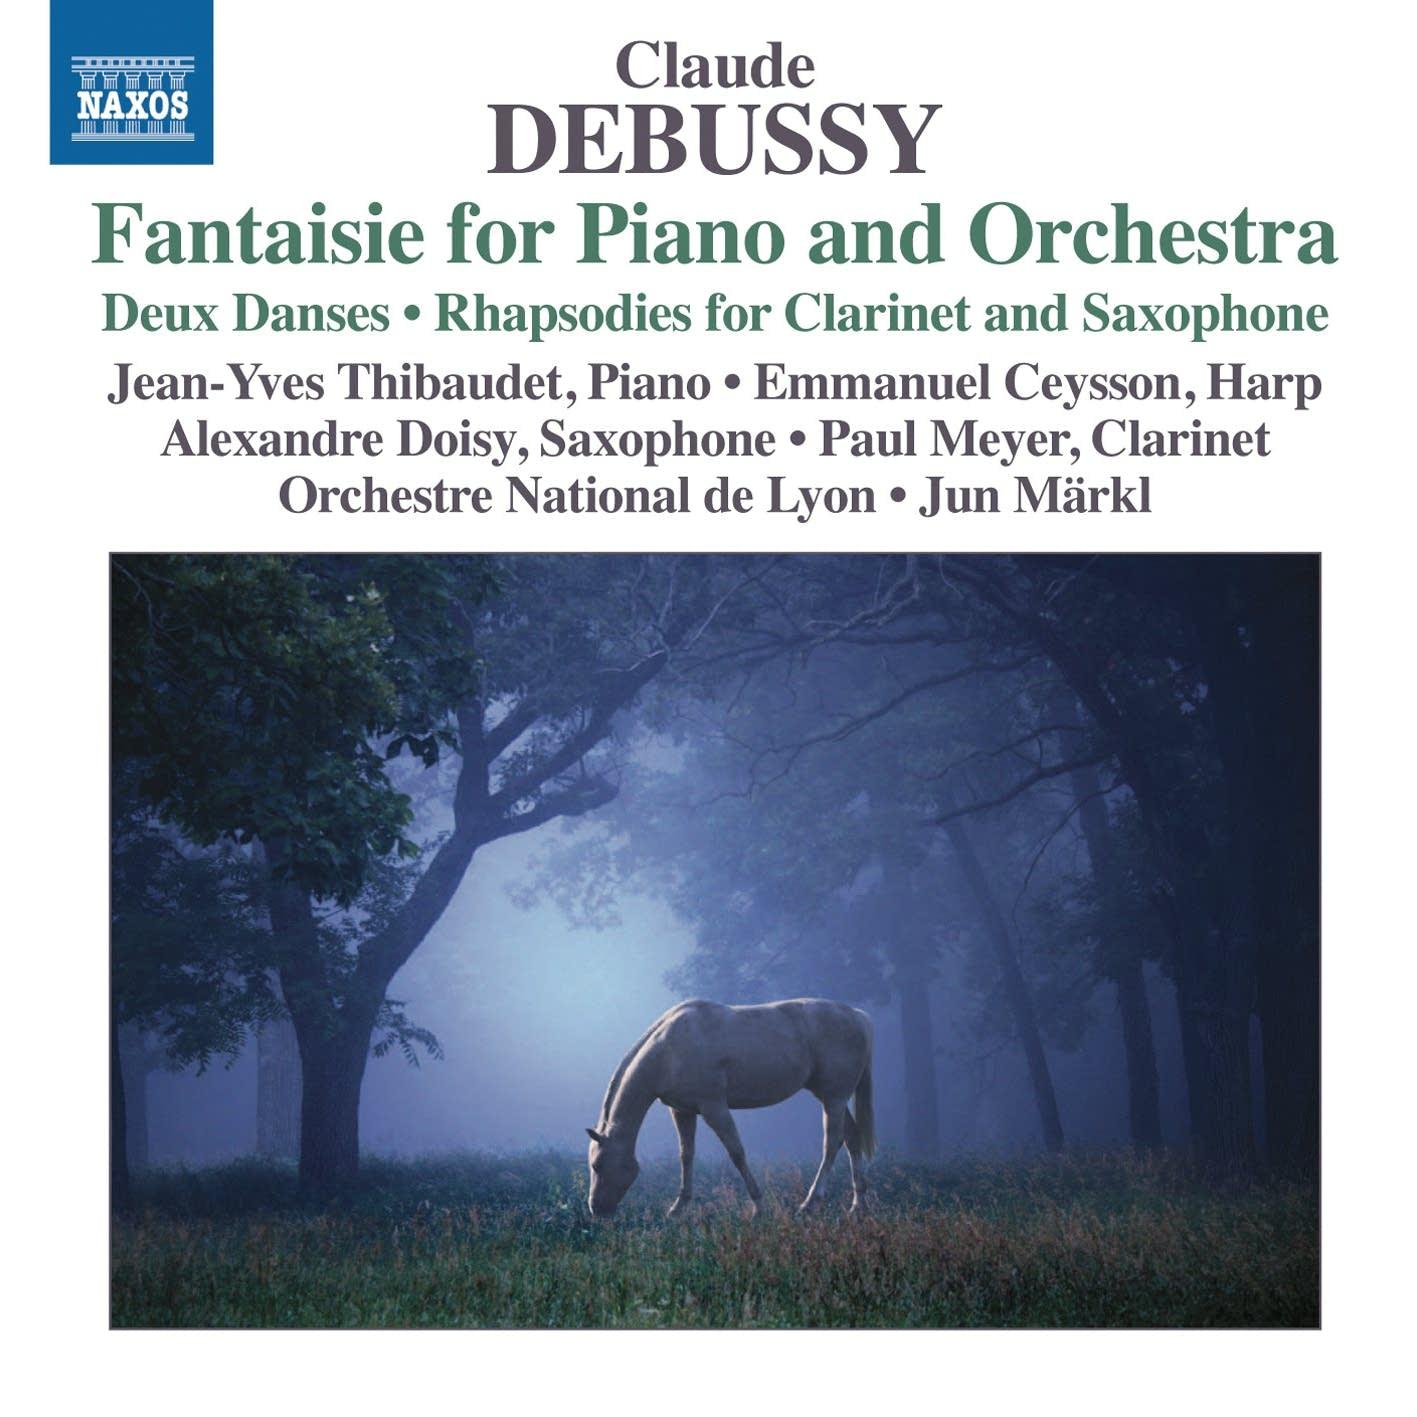 Claude Debussy - Premiere rapsodie